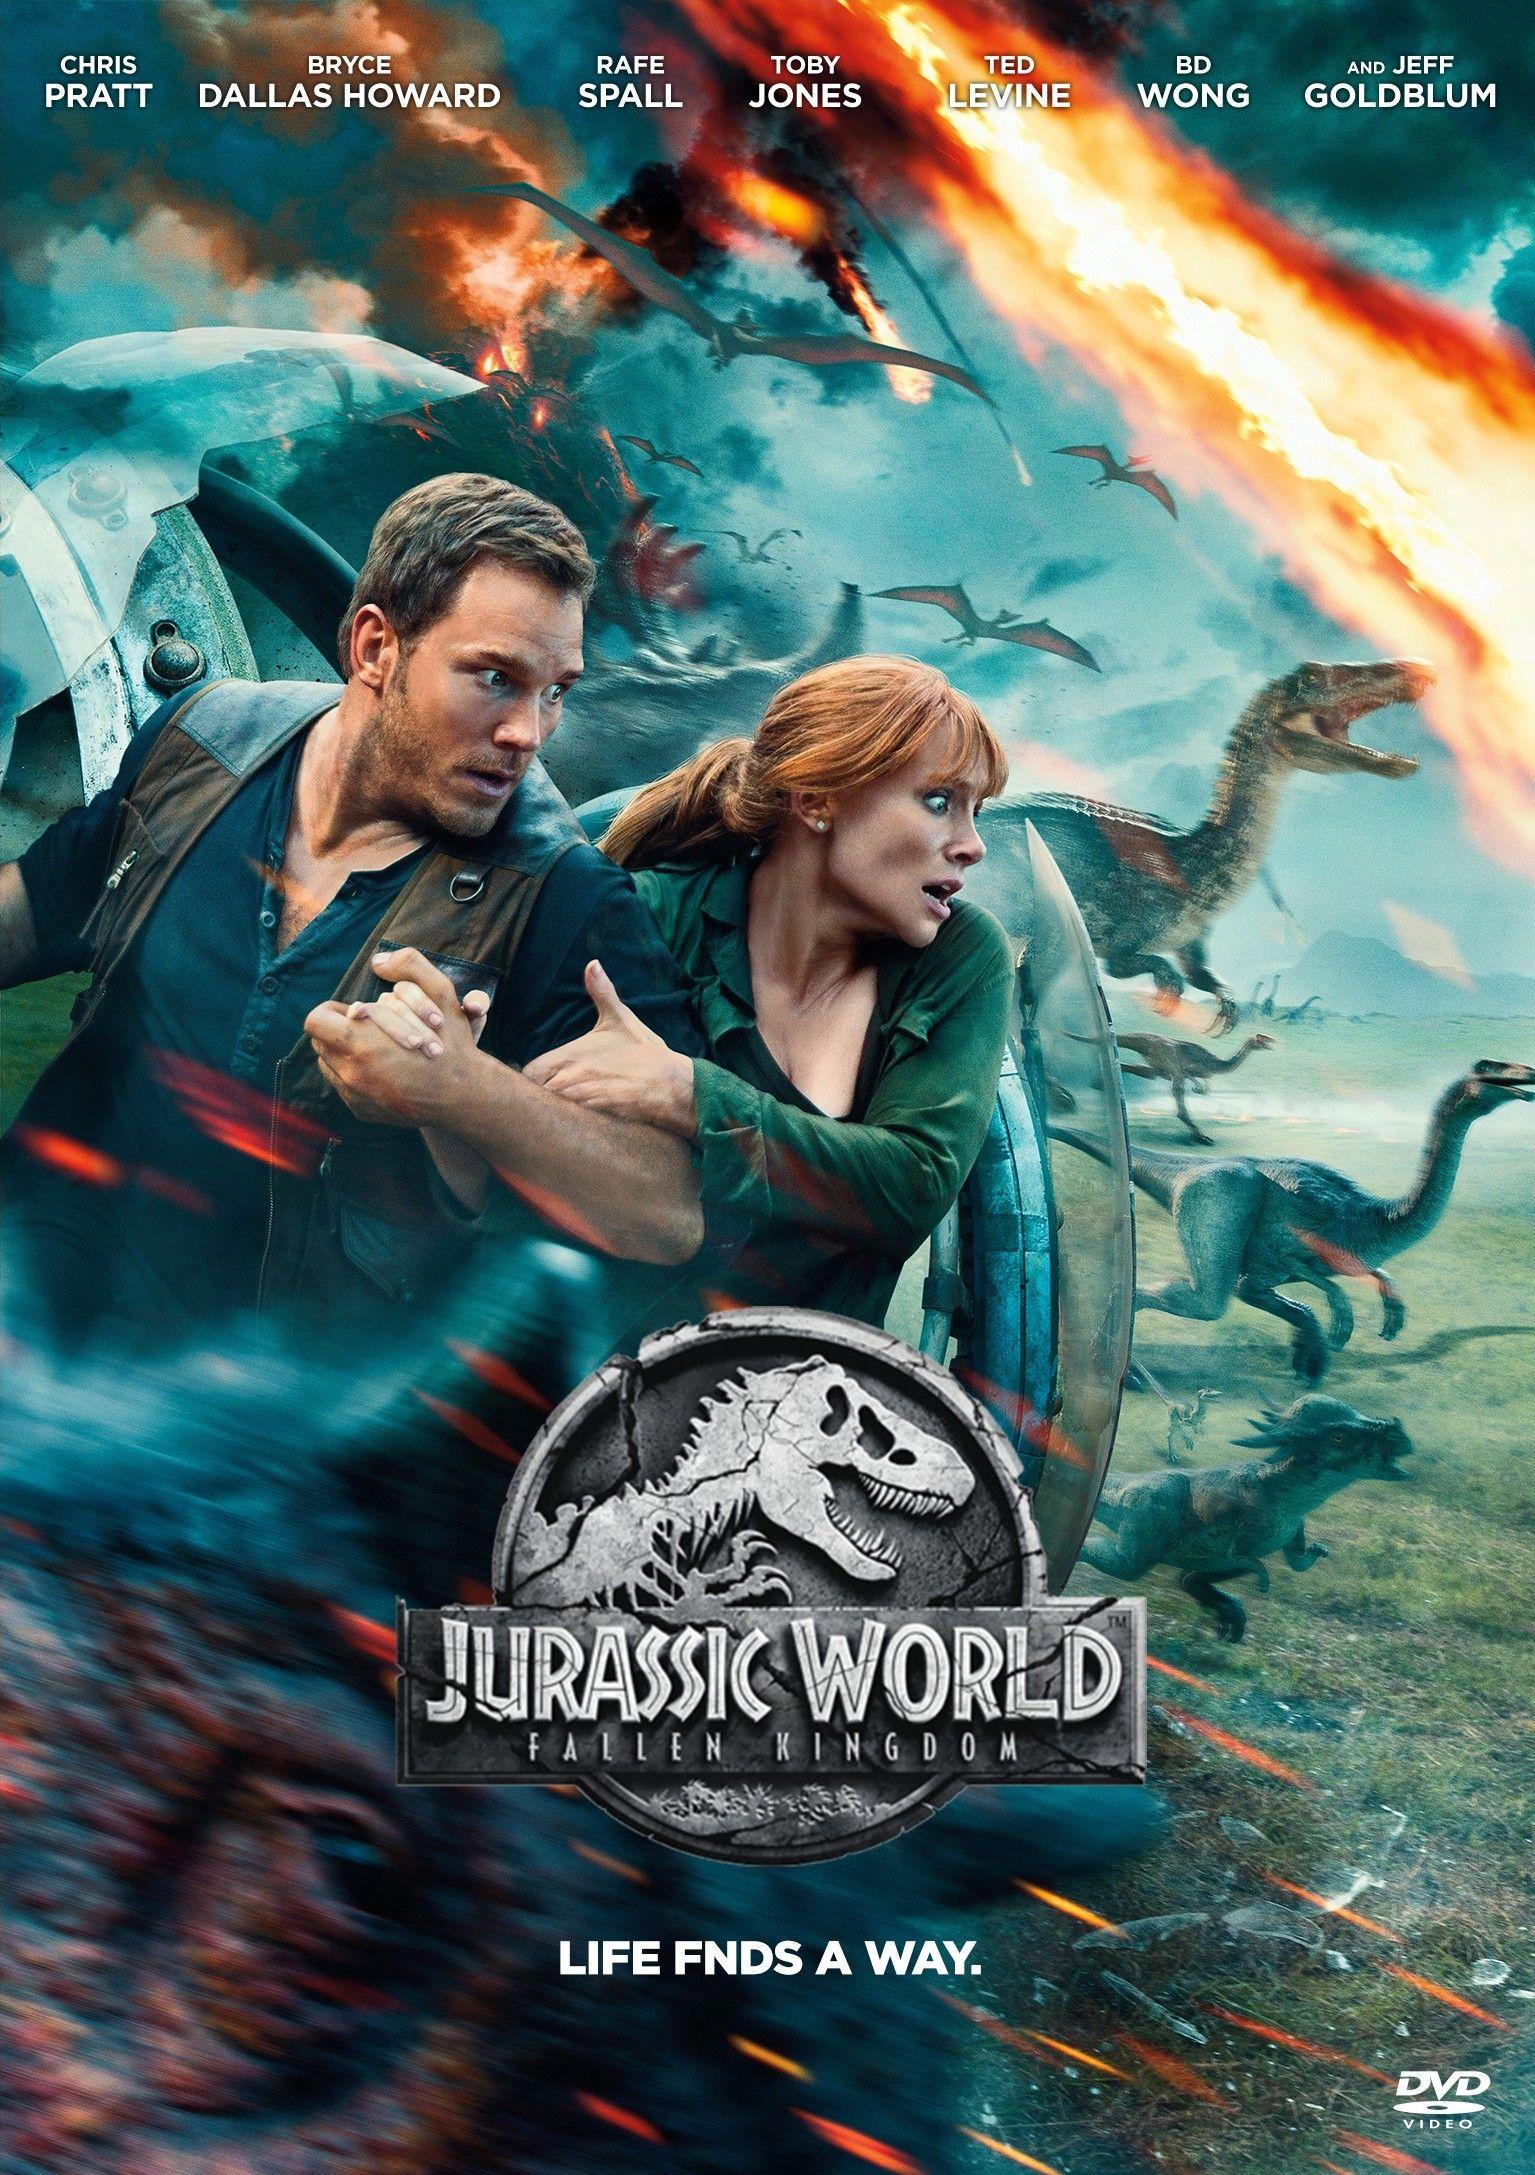 Jurassic Park (2018) Fallen Kingdom in 2020 Falling